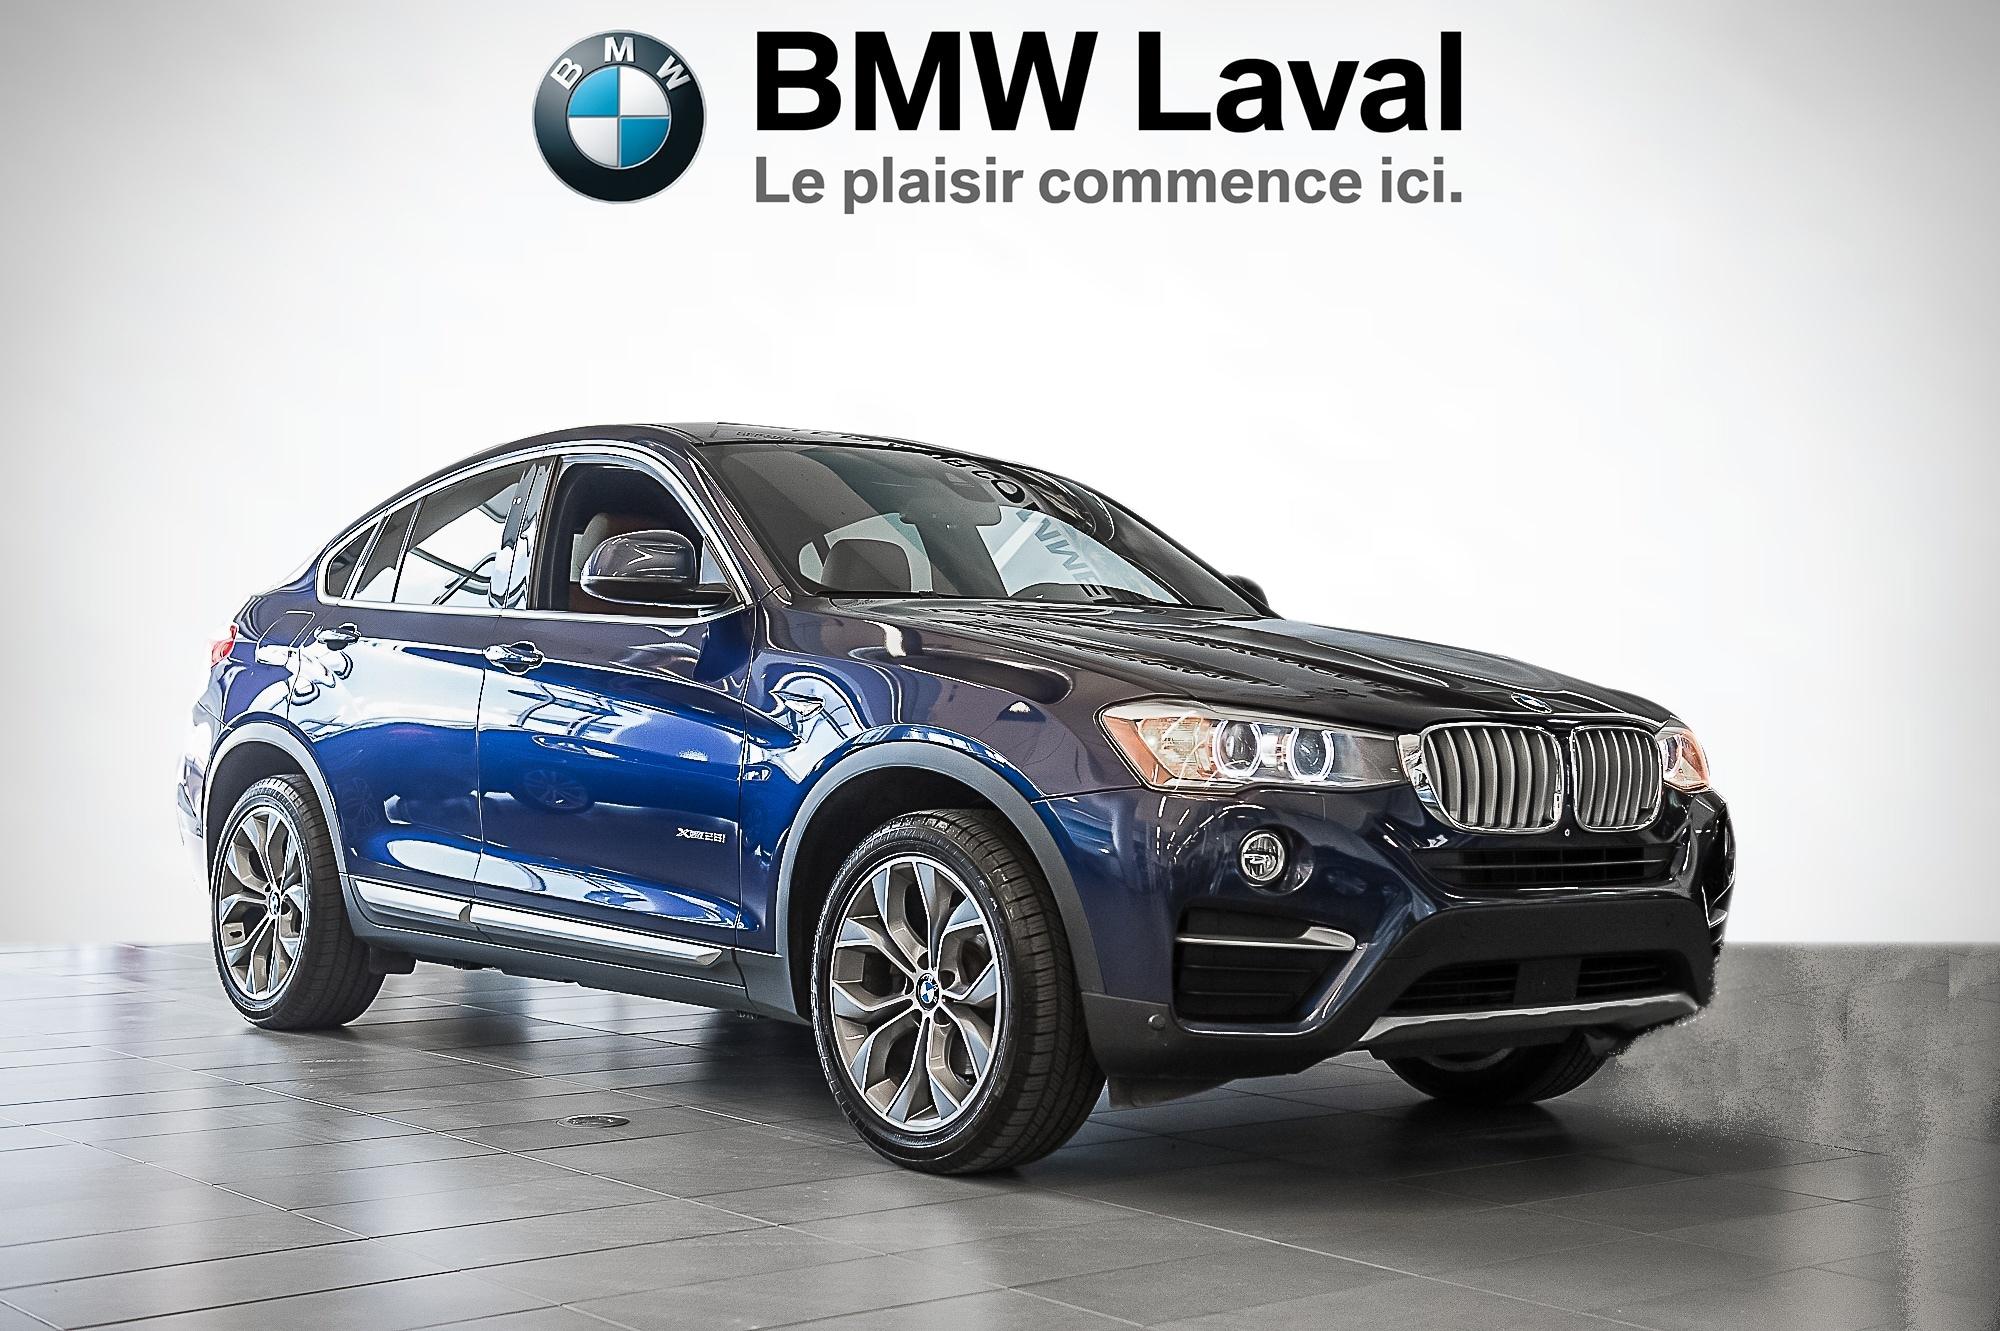 2015 BMW X4 xDrive28i GROUPE SUPÉRIEUR AMÉLIOR&E AWD  xDrive28i